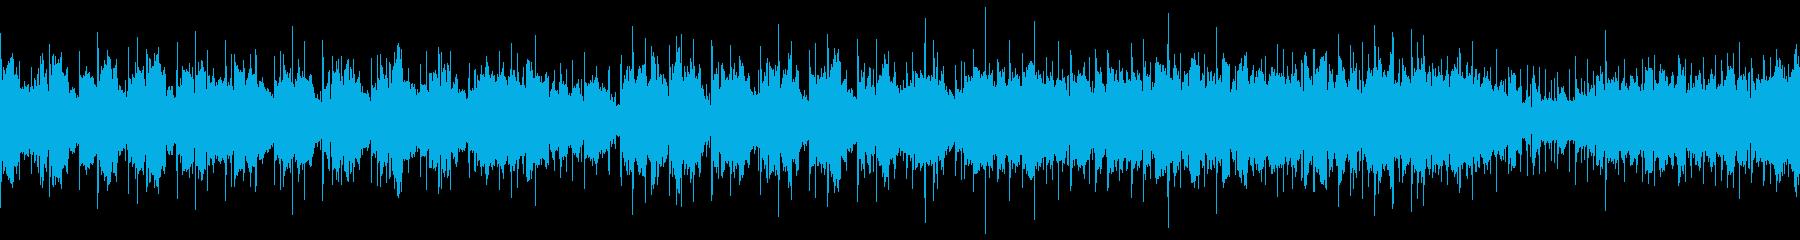 ダンジョン内部風 ホラーなピアノBGMの再生済みの波形